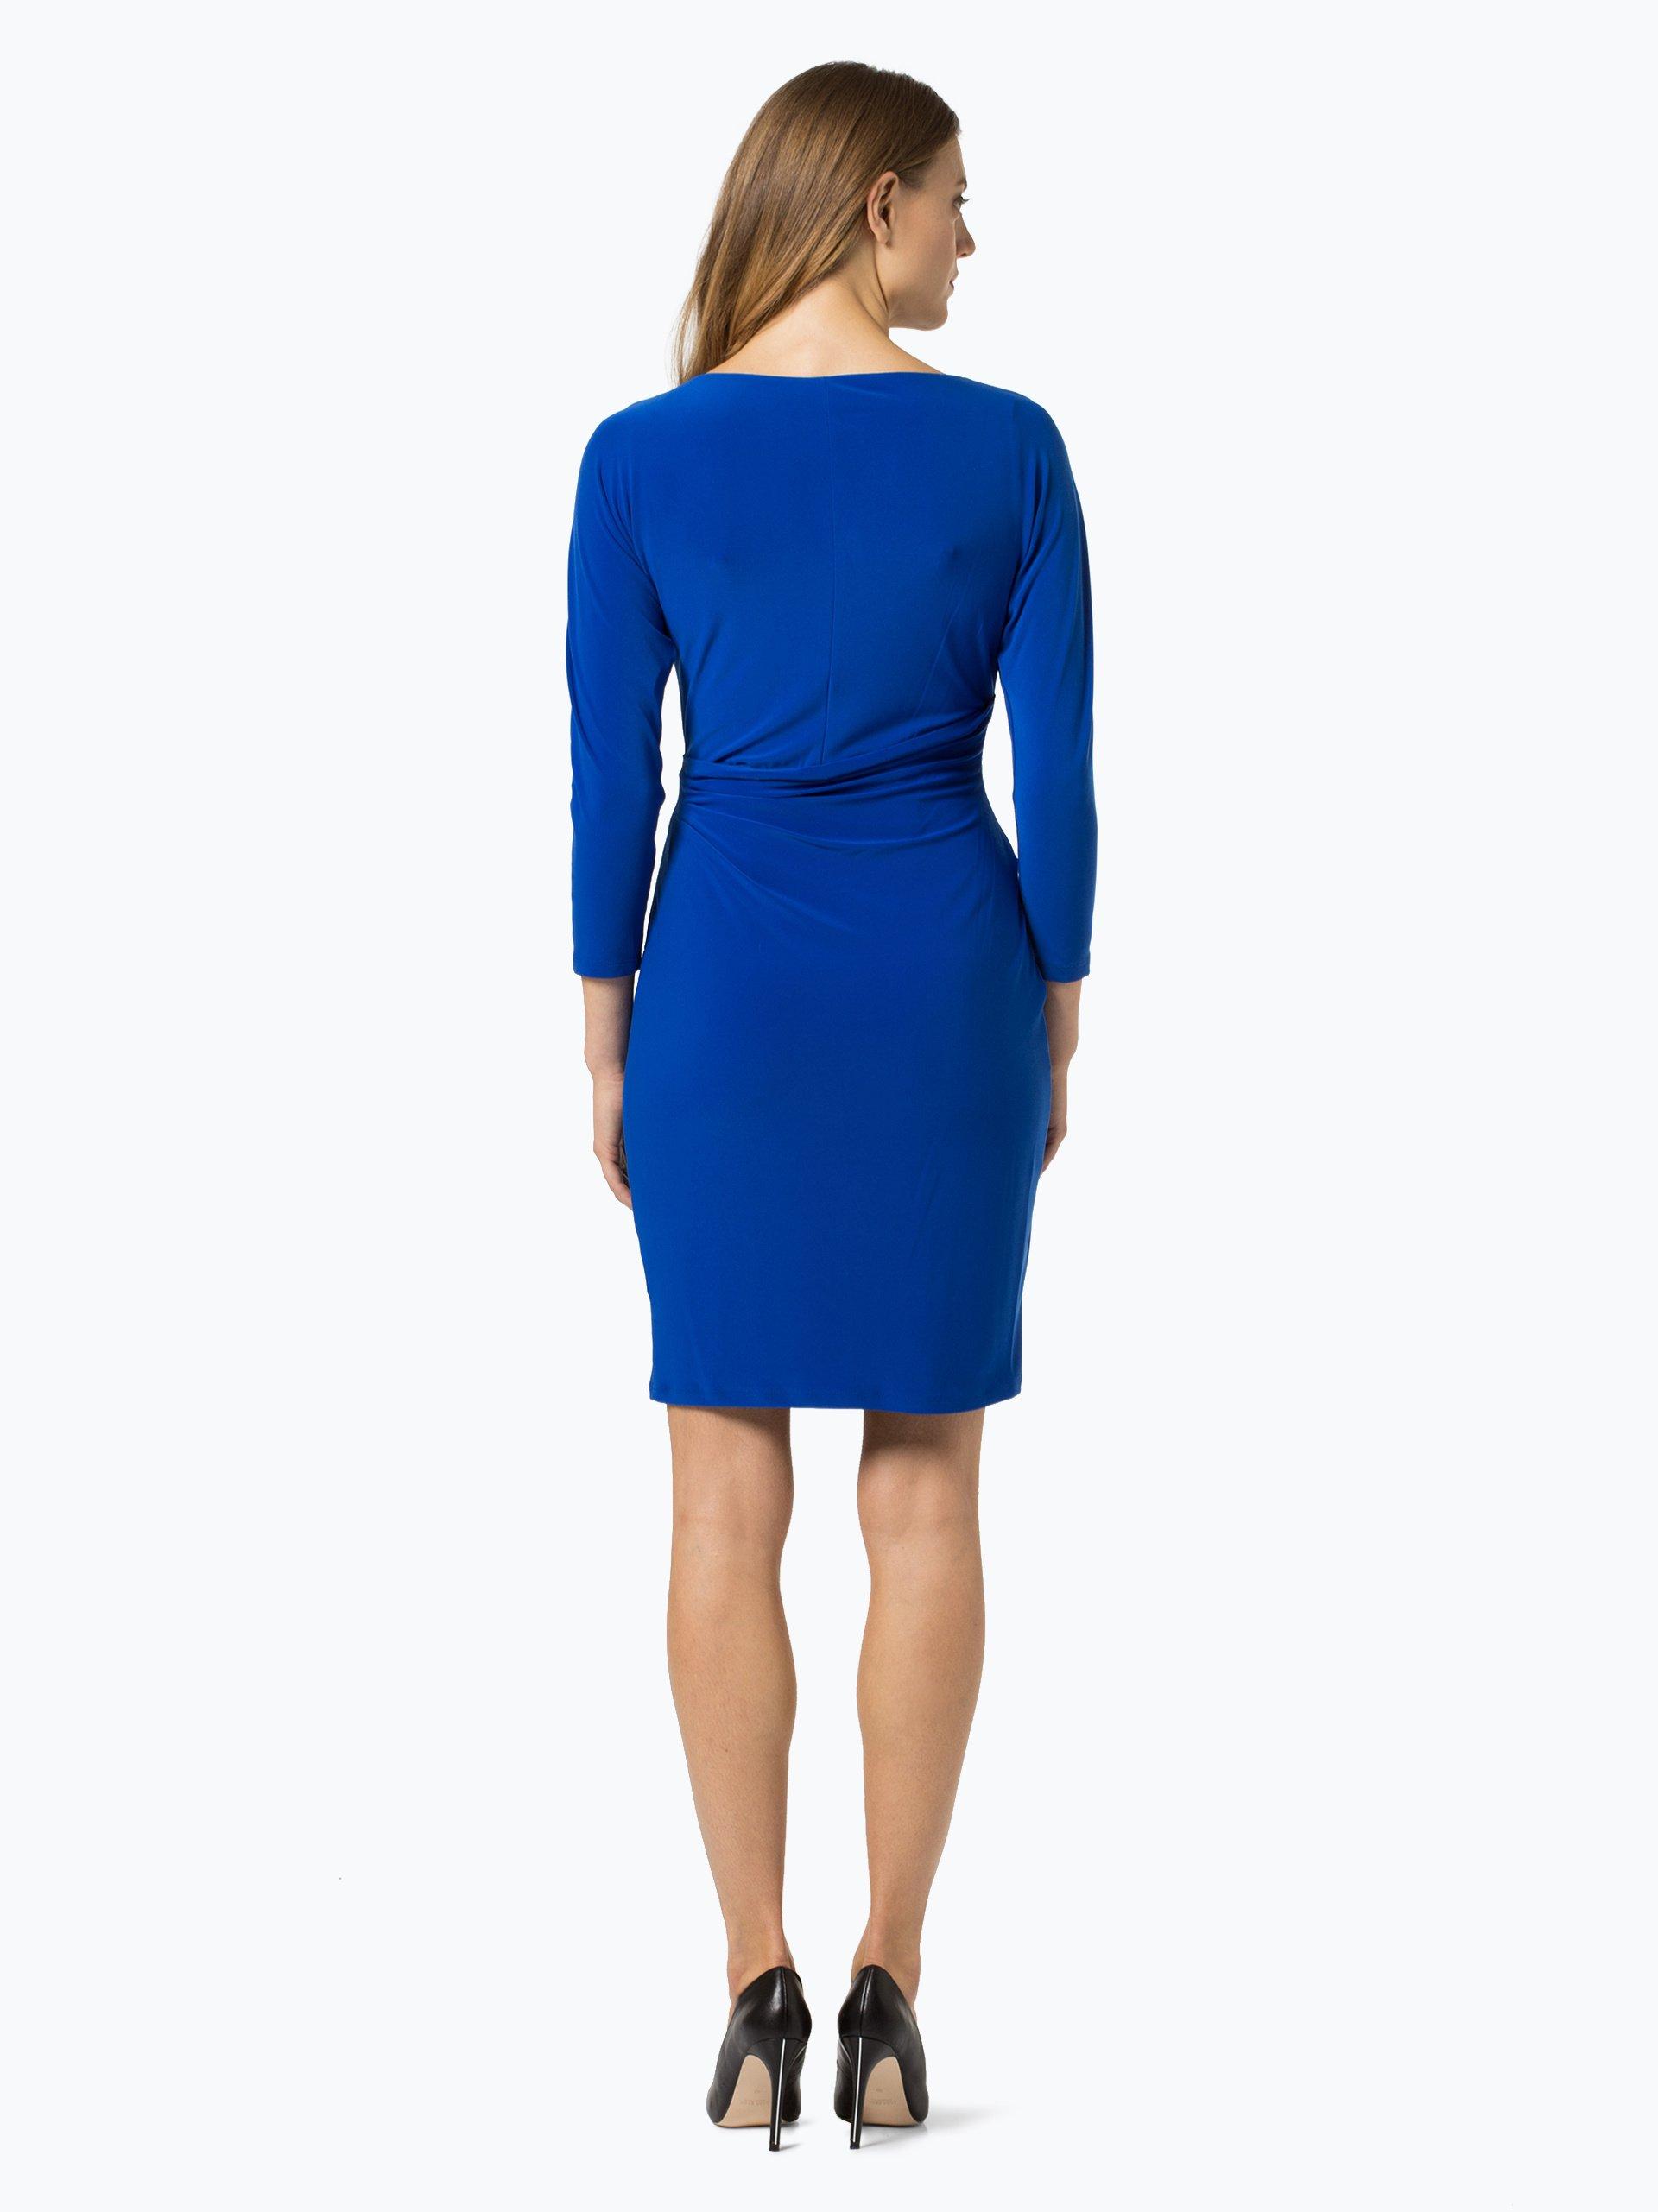 lauren ralph lauren damen kleid royal uni online kaufen vangraaf com. Black Bedroom Furniture Sets. Home Design Ideas